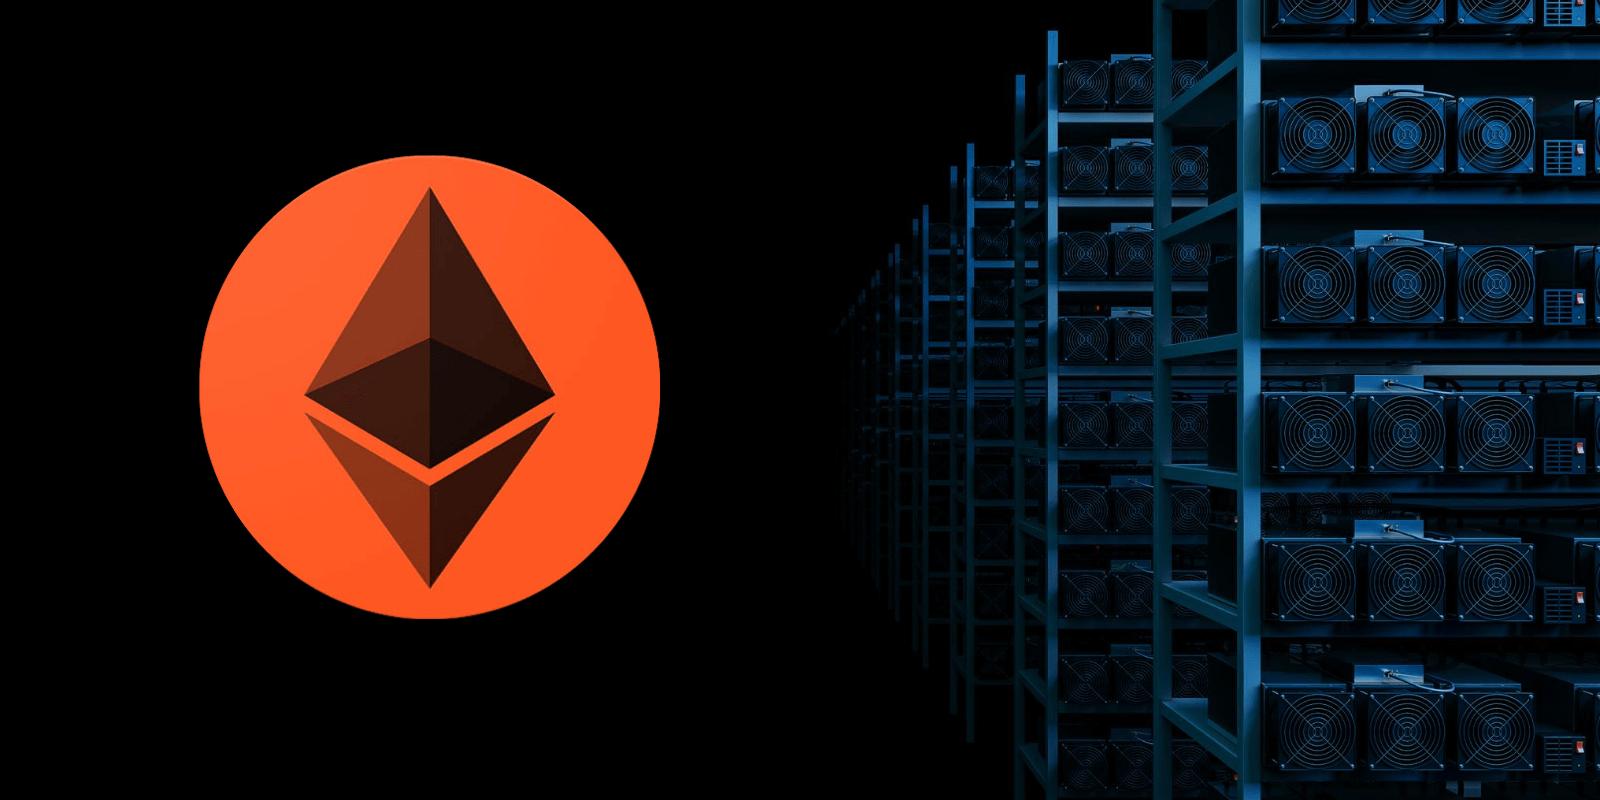 Le revenu des mineurs d'Ethereum a augmenté de 80% en un mois